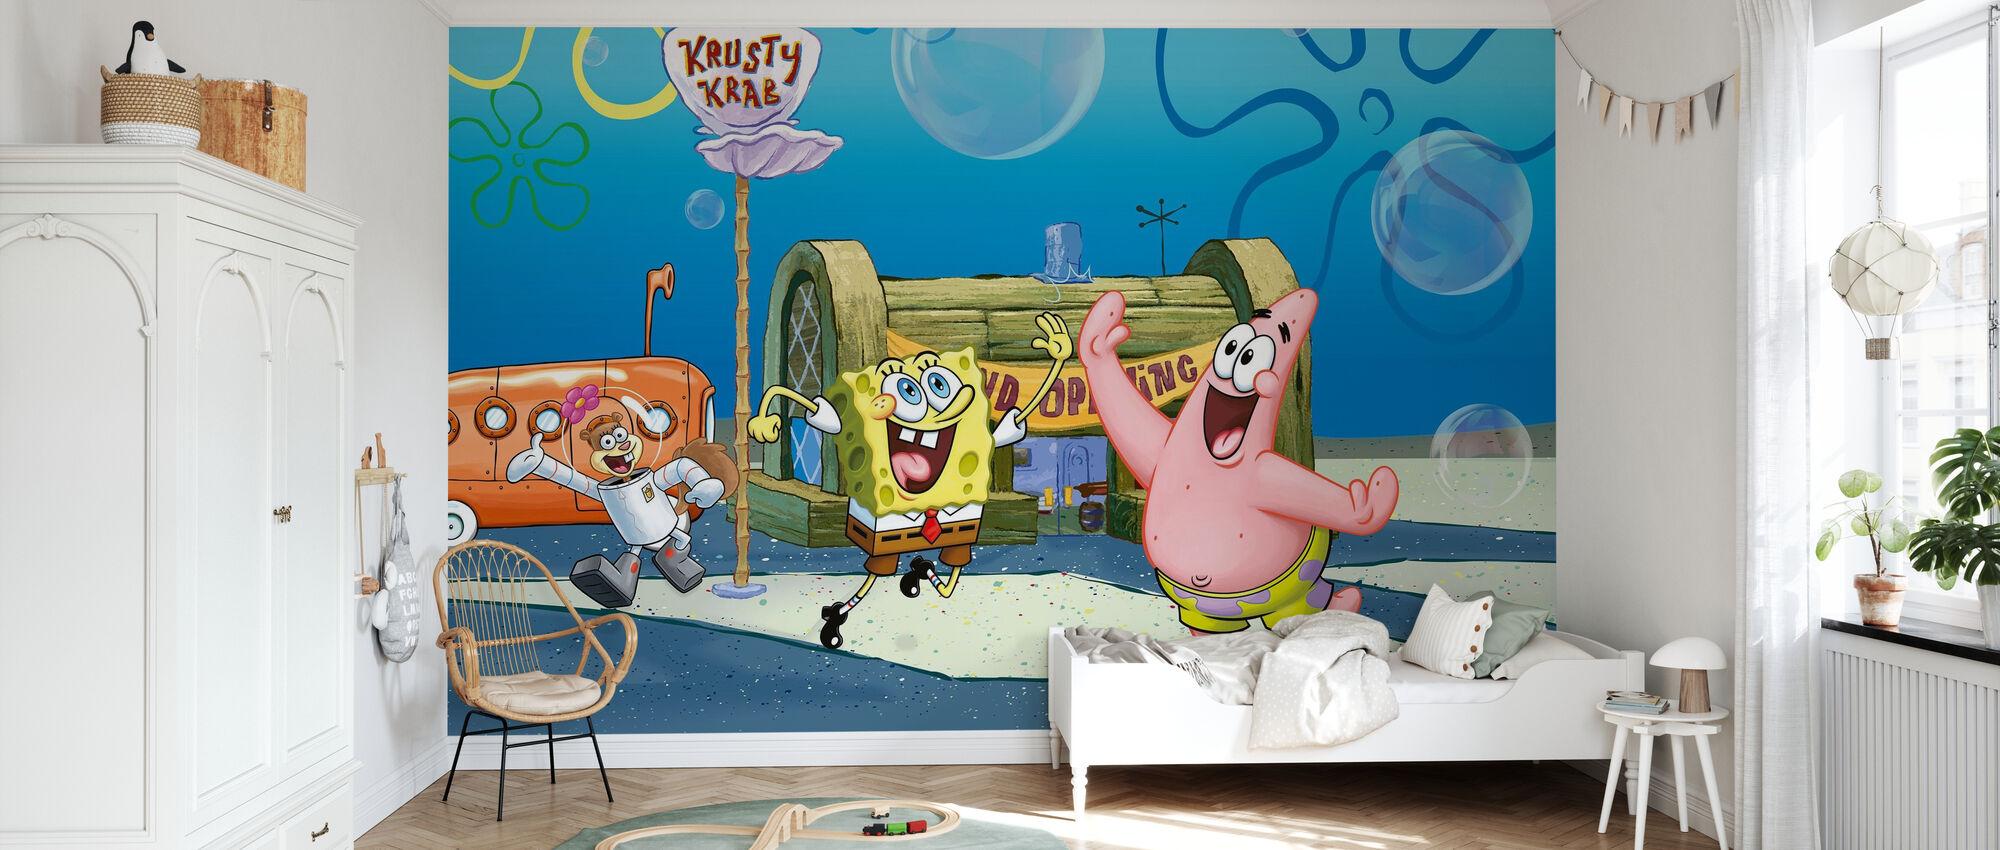 Bob Esponja - Gran Apertura en el Krusty Krab - Papel pintado - Cuarto de niños